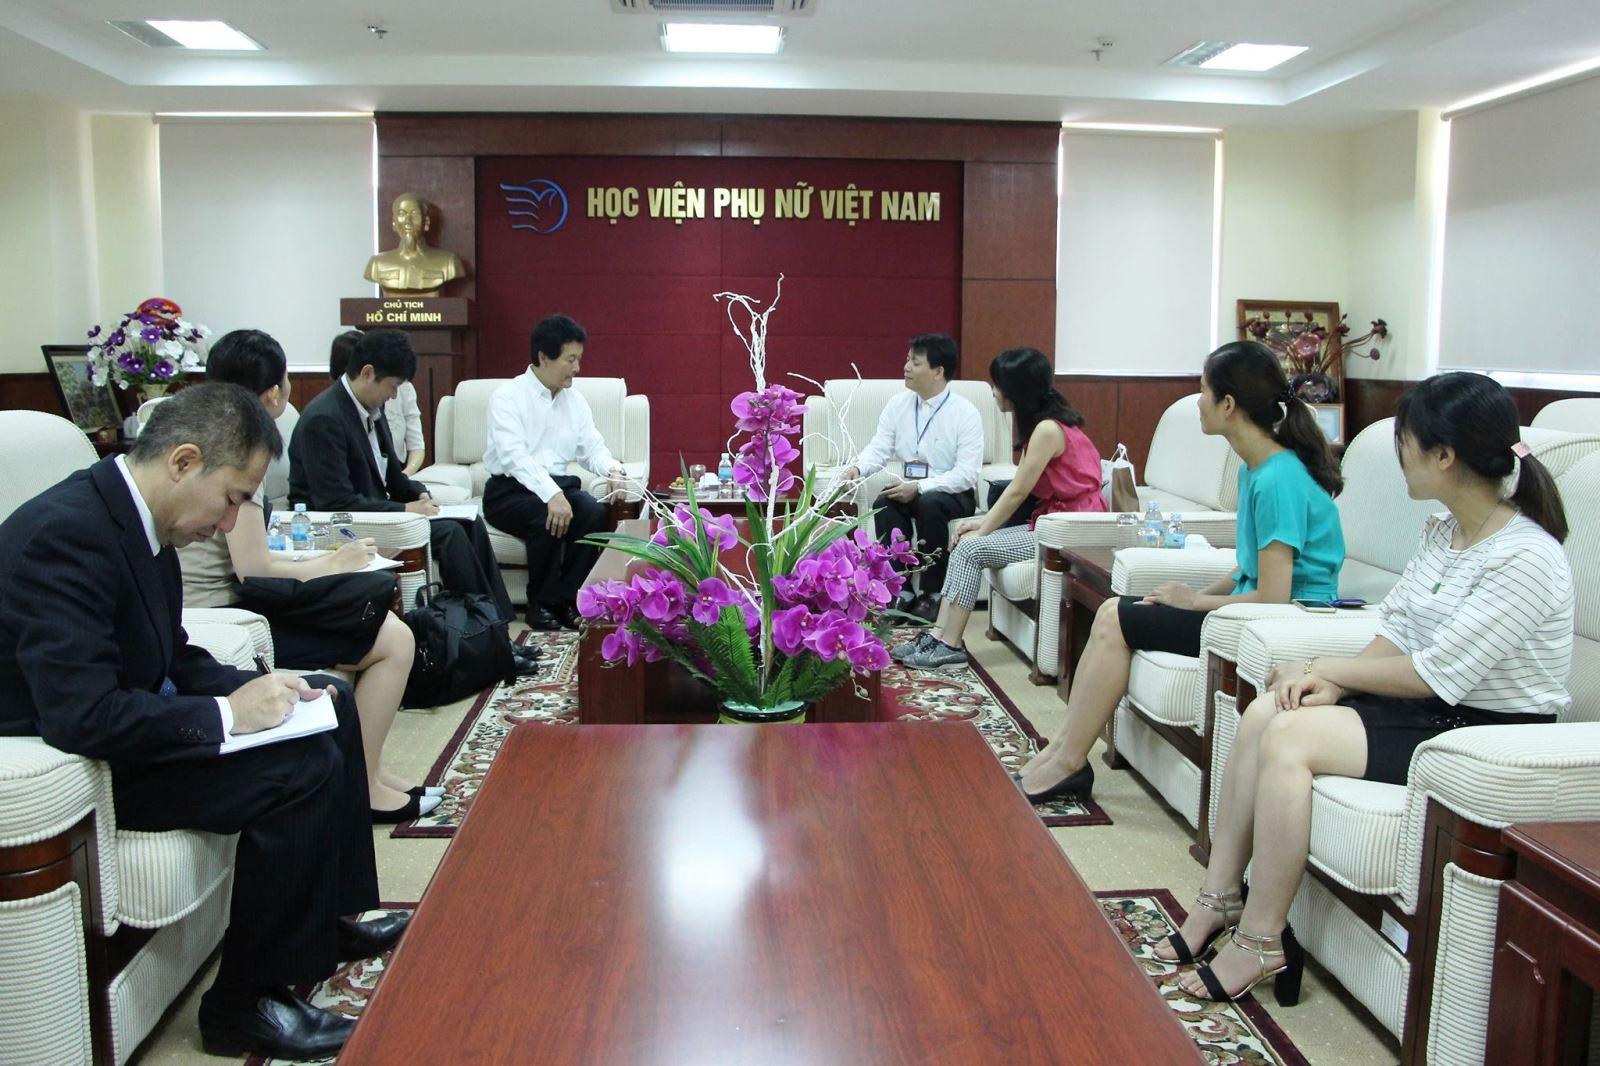 Học viện Phụ nữ Việt Nam đón tiếp Nghị sĩ Quốc hội Nhật Bản